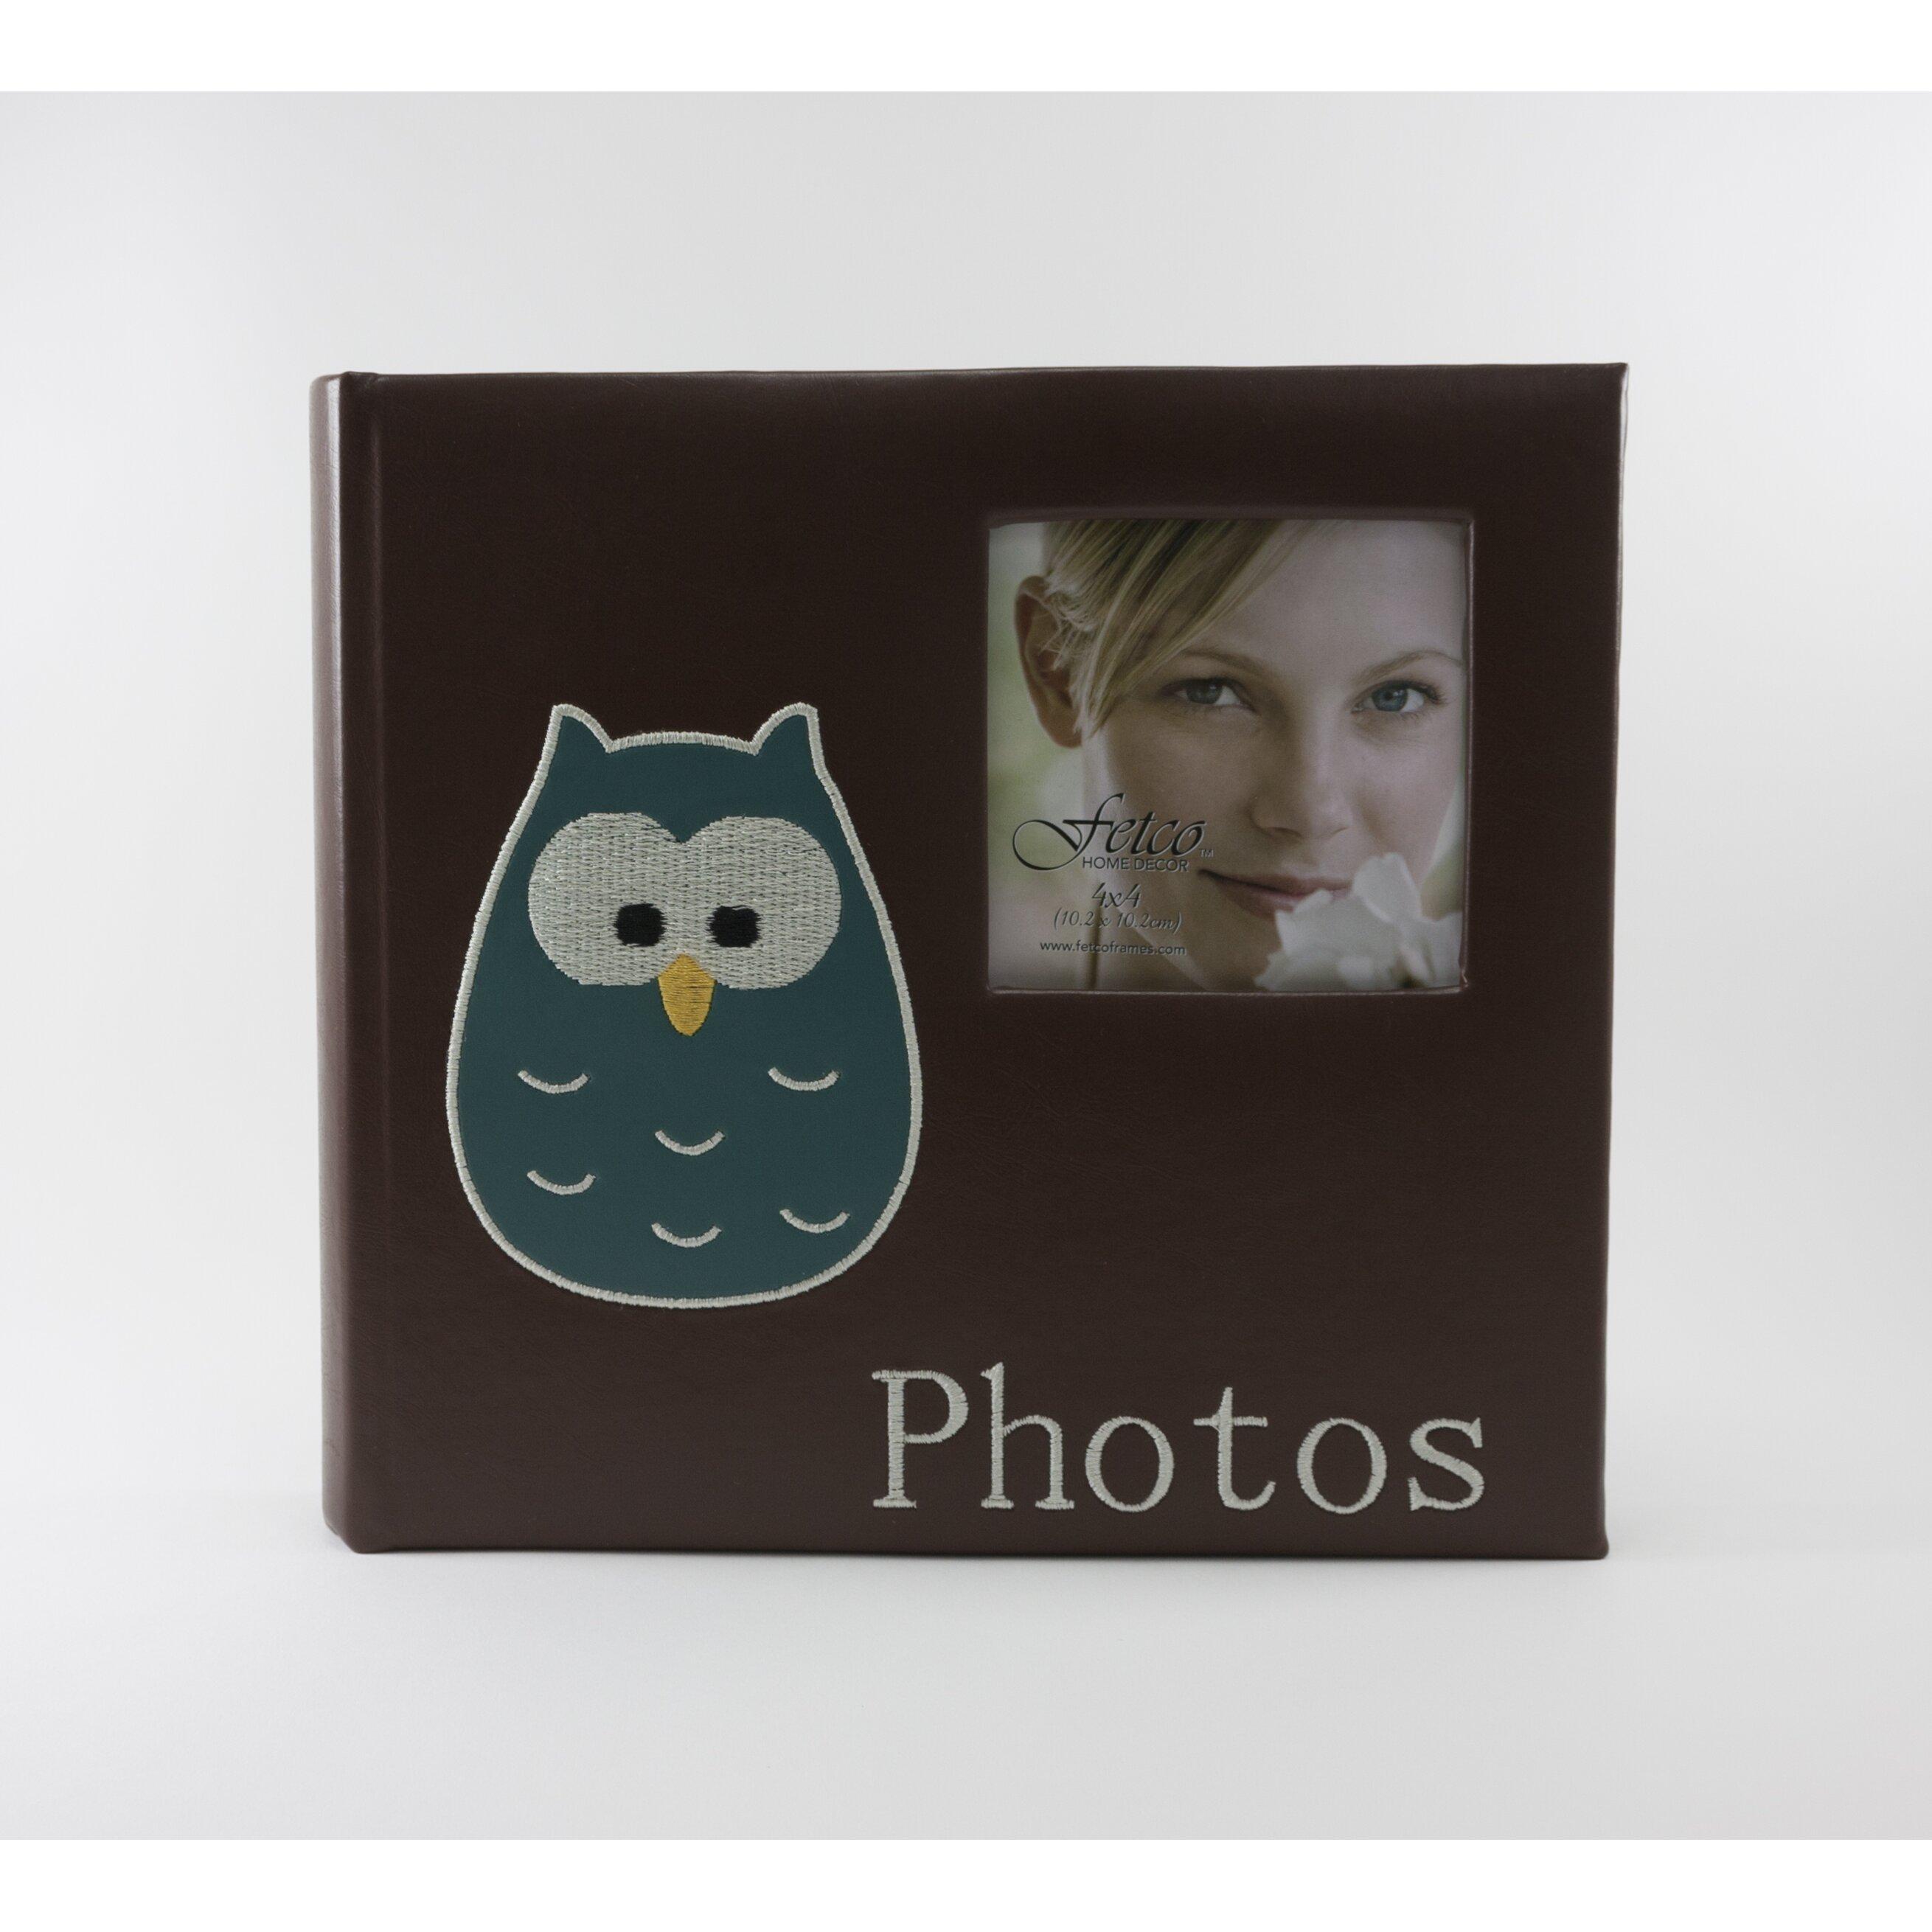 Https Www Wayfair Com Fetco Home Decor Wigston Book Album P662020 Fhk1605 Html